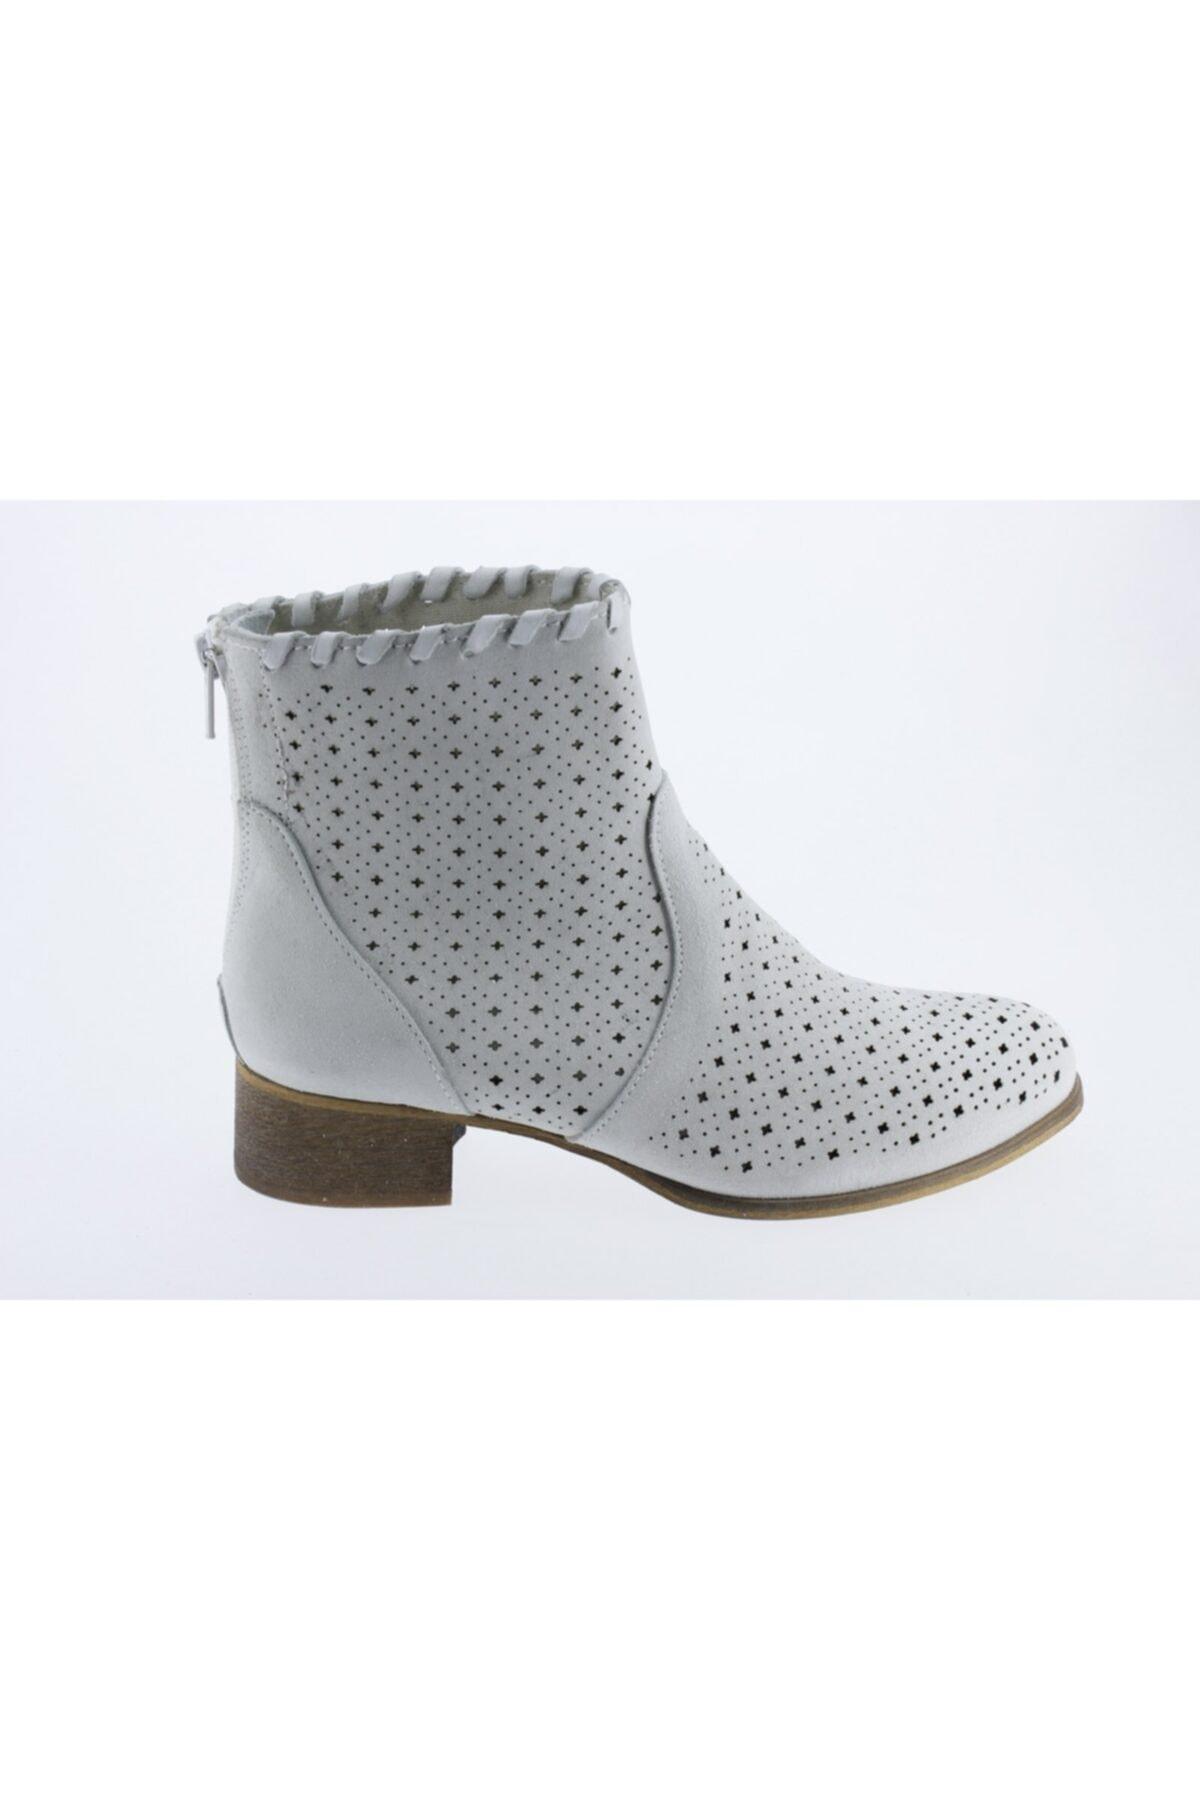 Venüs 1810617y Bayan Ayakkabı Ücretsiz Kargo 2